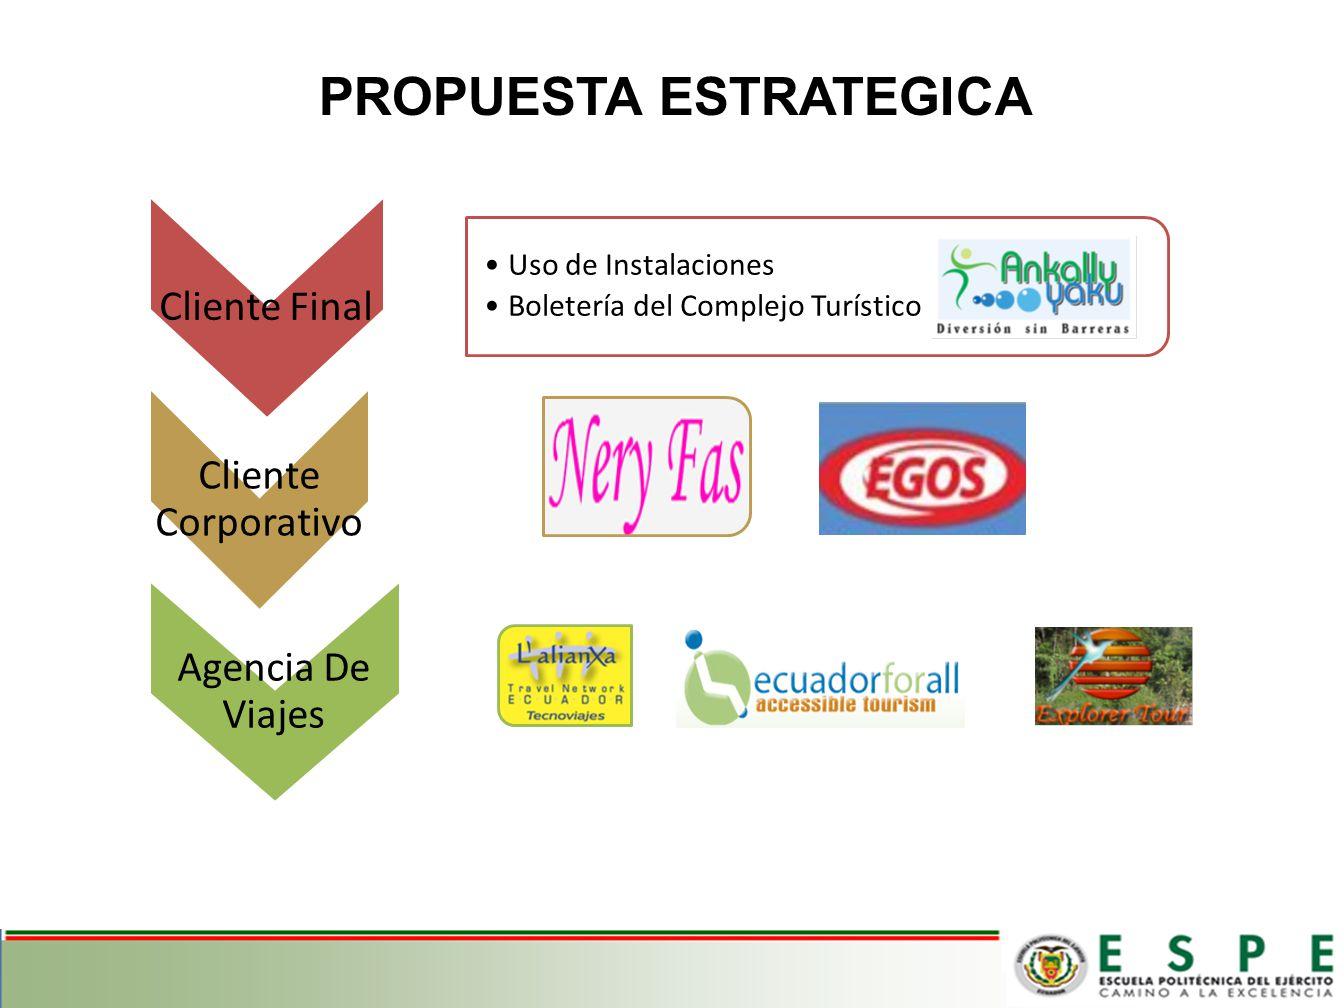 Cliente Final Uso de Instalaciones Boletería del Complejo Turístico Cliente Corporativo Agencia De Viajes PROPUESTA ESTRATEGICA